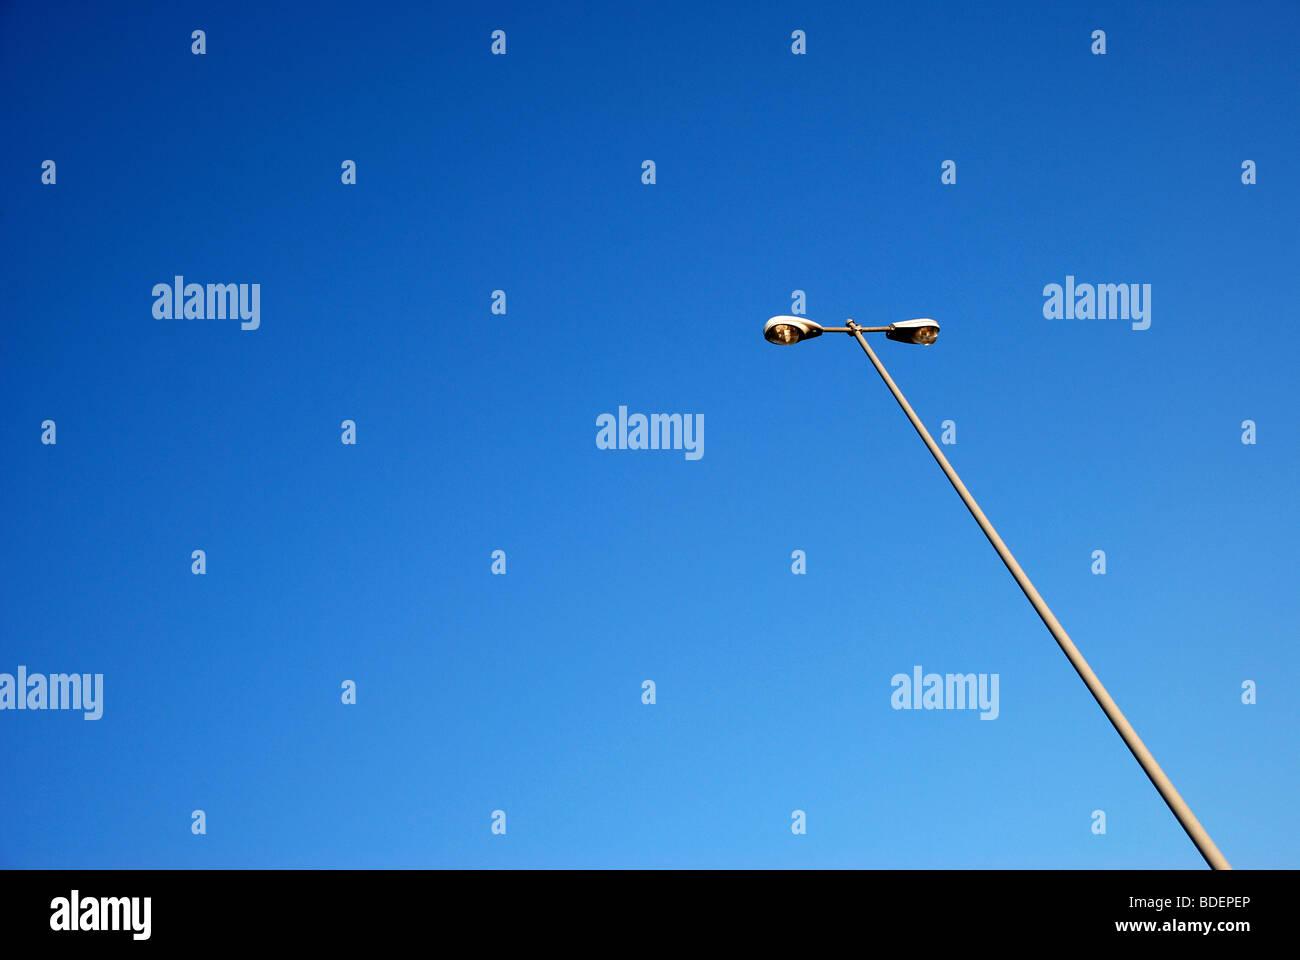 El resto son postes de la luz contra el cielo azul Imagen De Stock